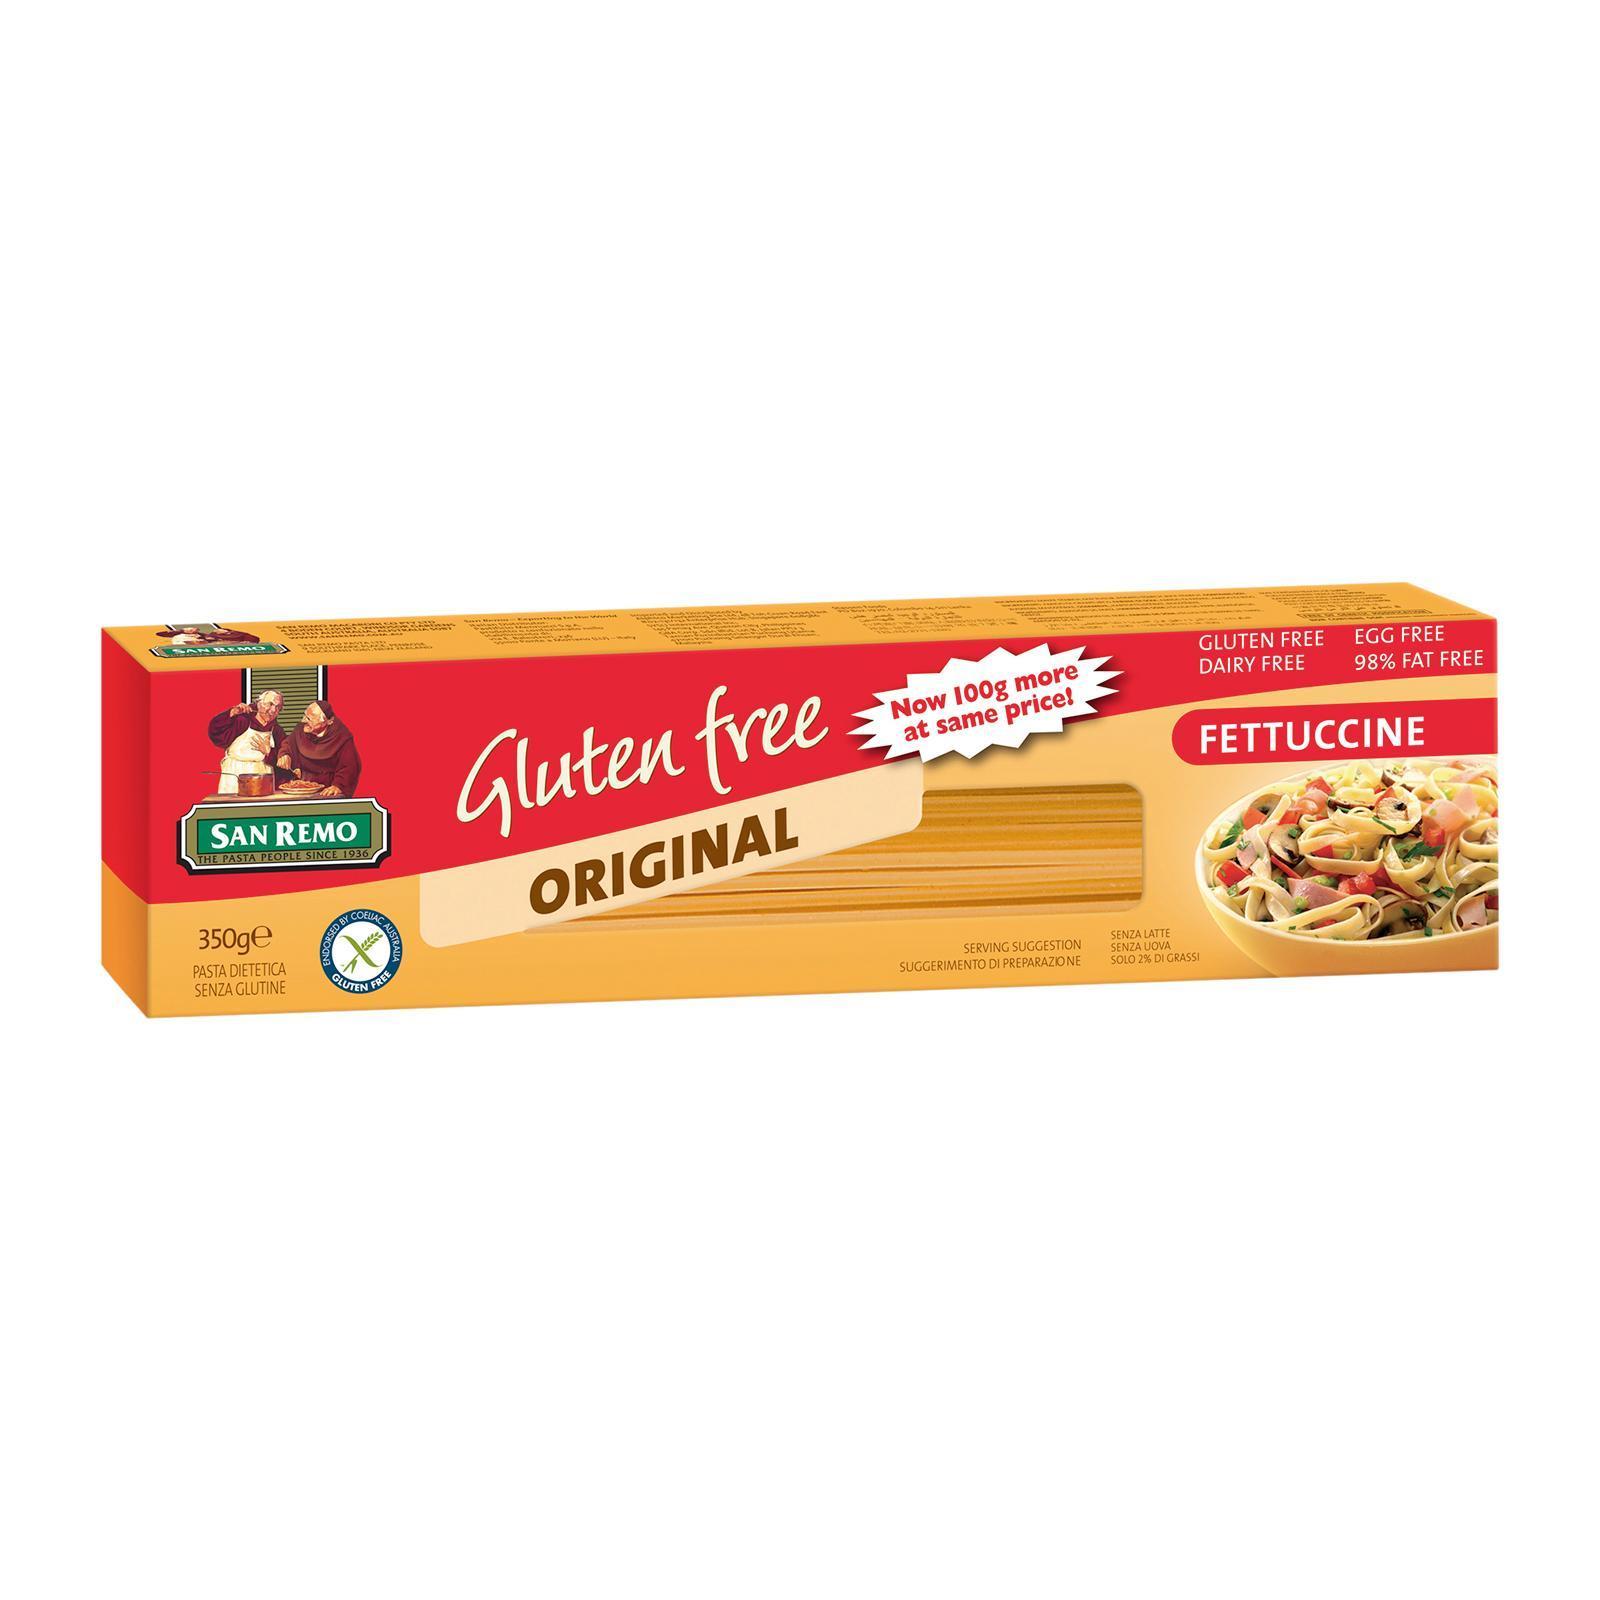 San Remo Gluten Free Fettucine Pasta By Redmart.